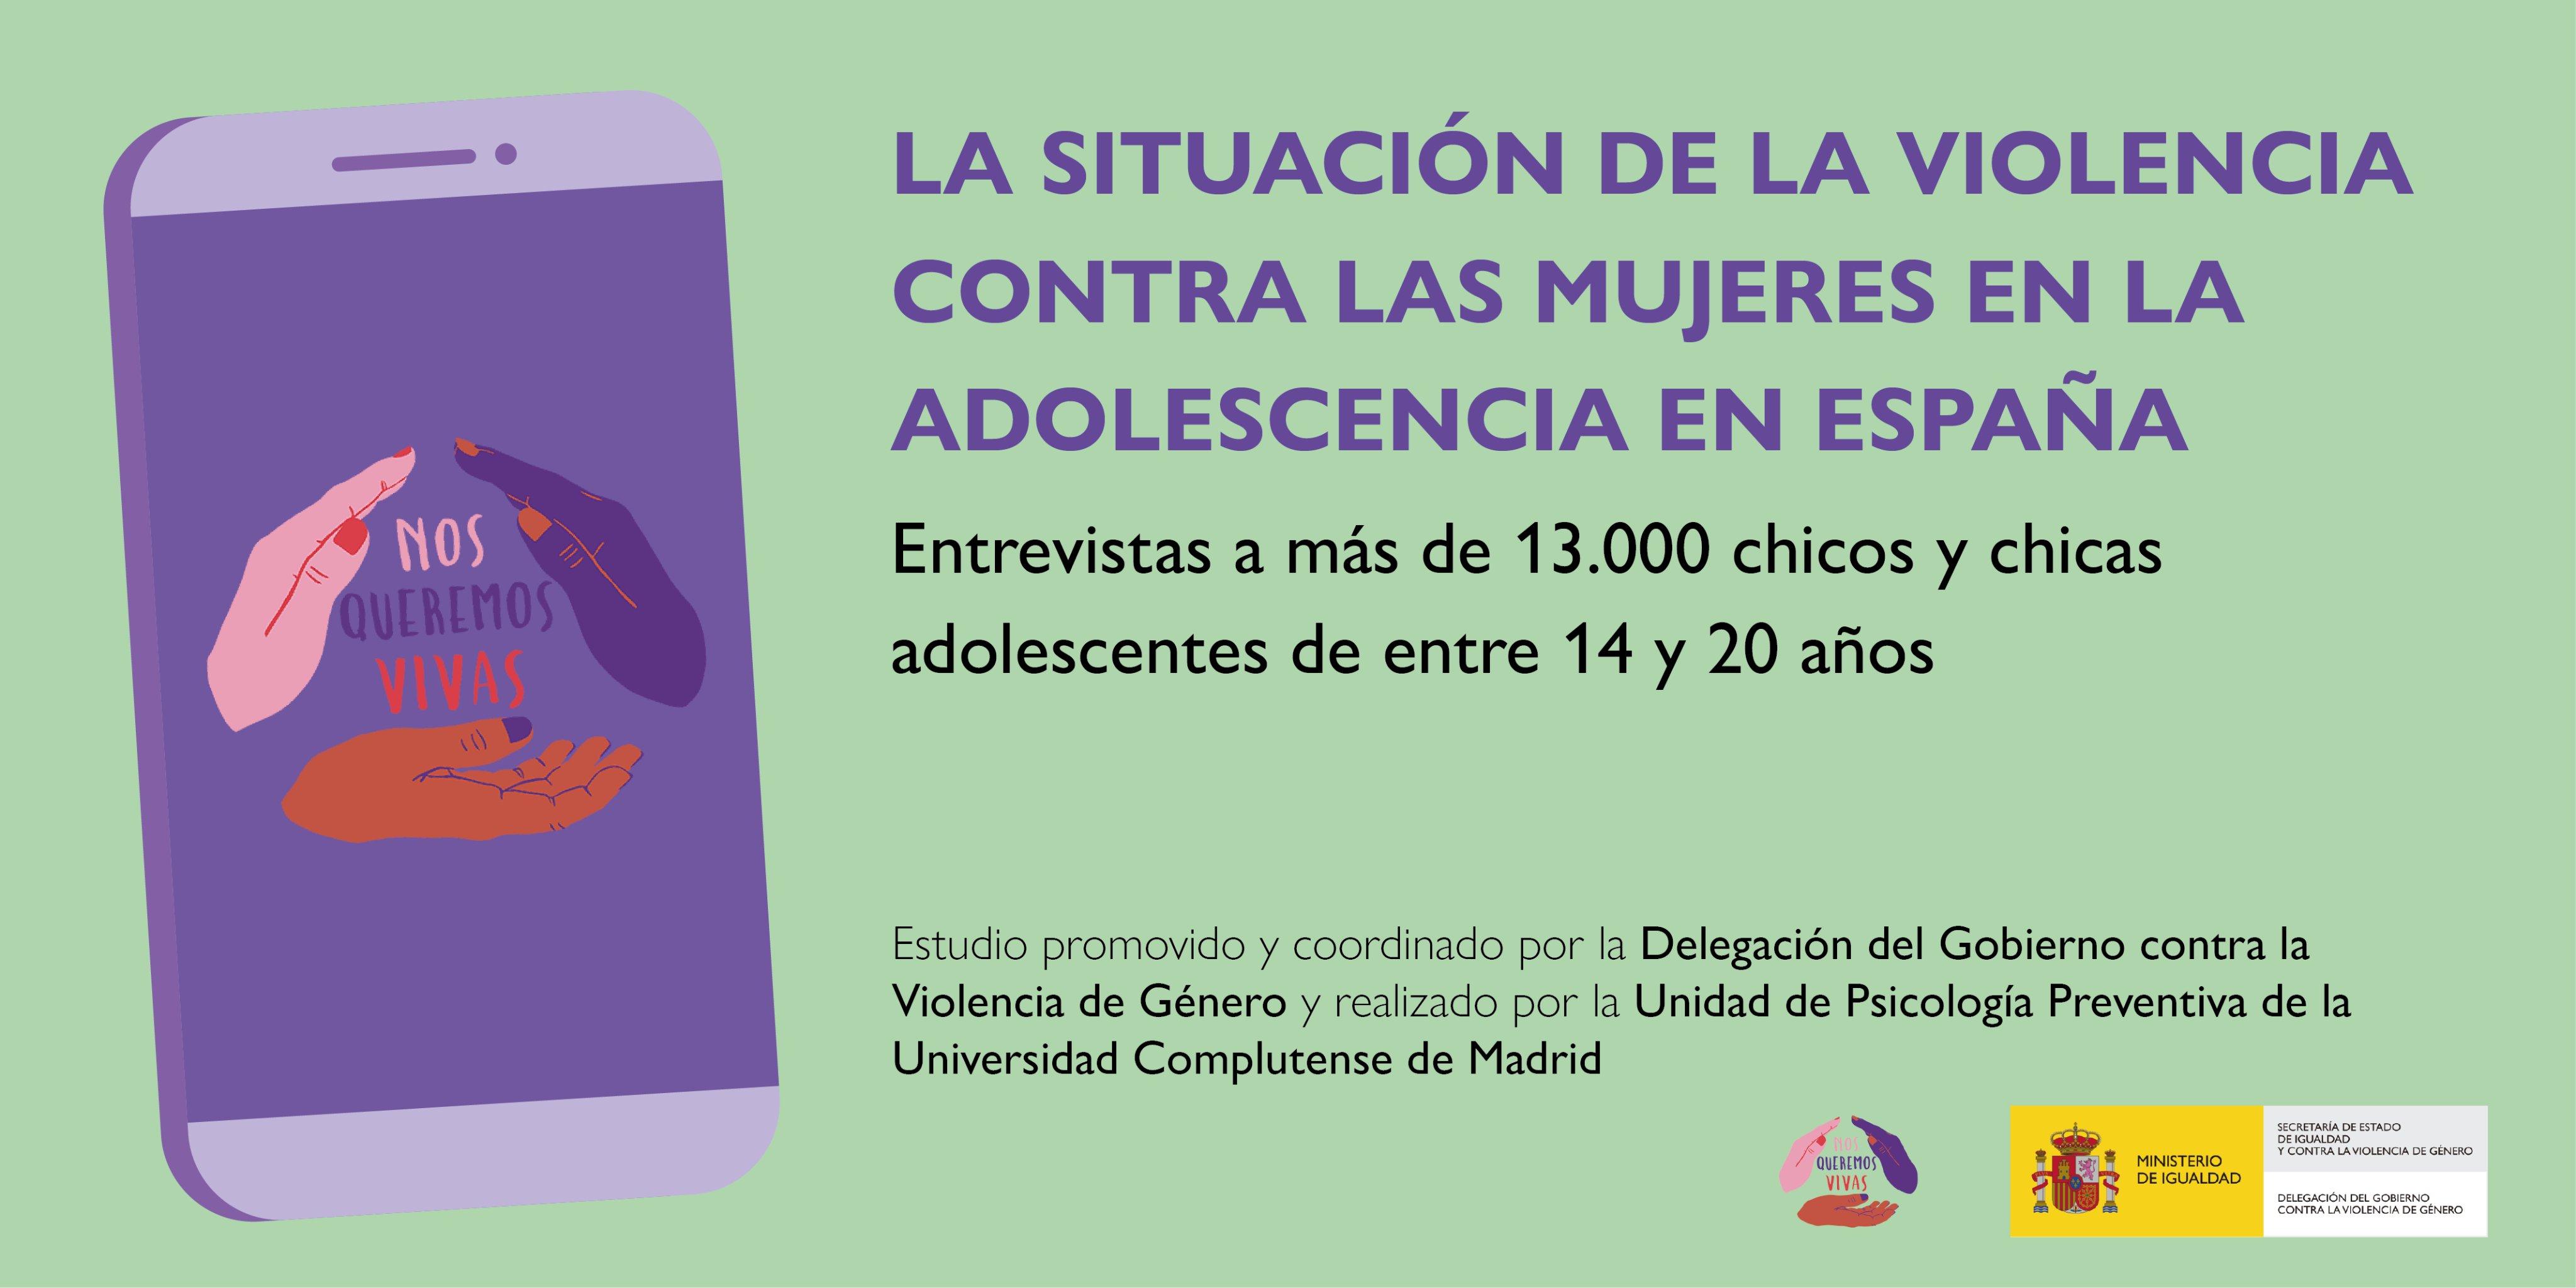 La-situacion-de-la-violencia-contra-las-mujeres-en-la-adolescencia-en-Espana